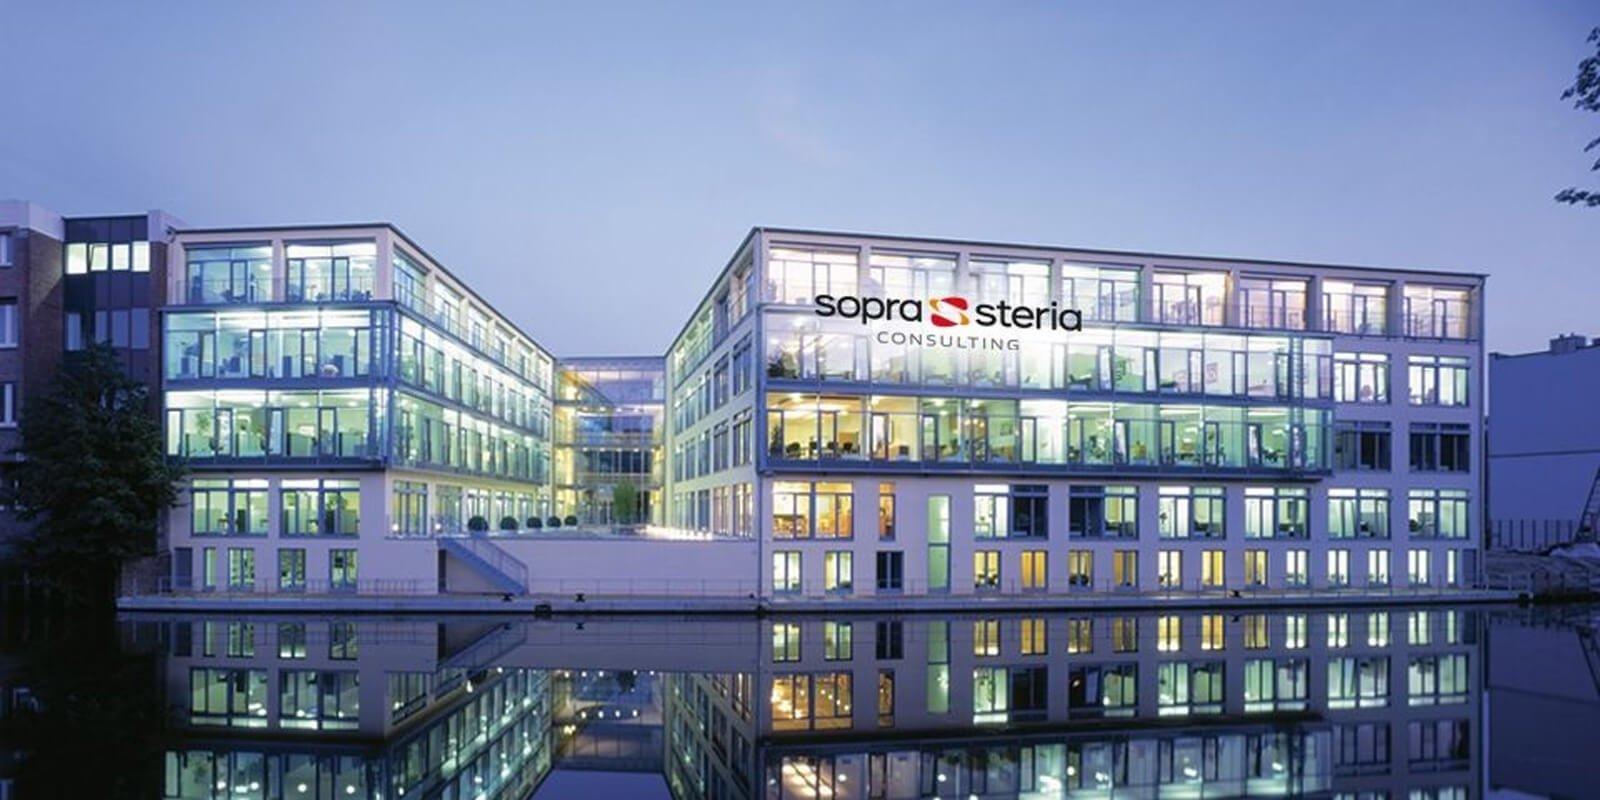 Французская ИТ-компанияSopra Steria подверглась атаке вымогательского ПО Ryuk